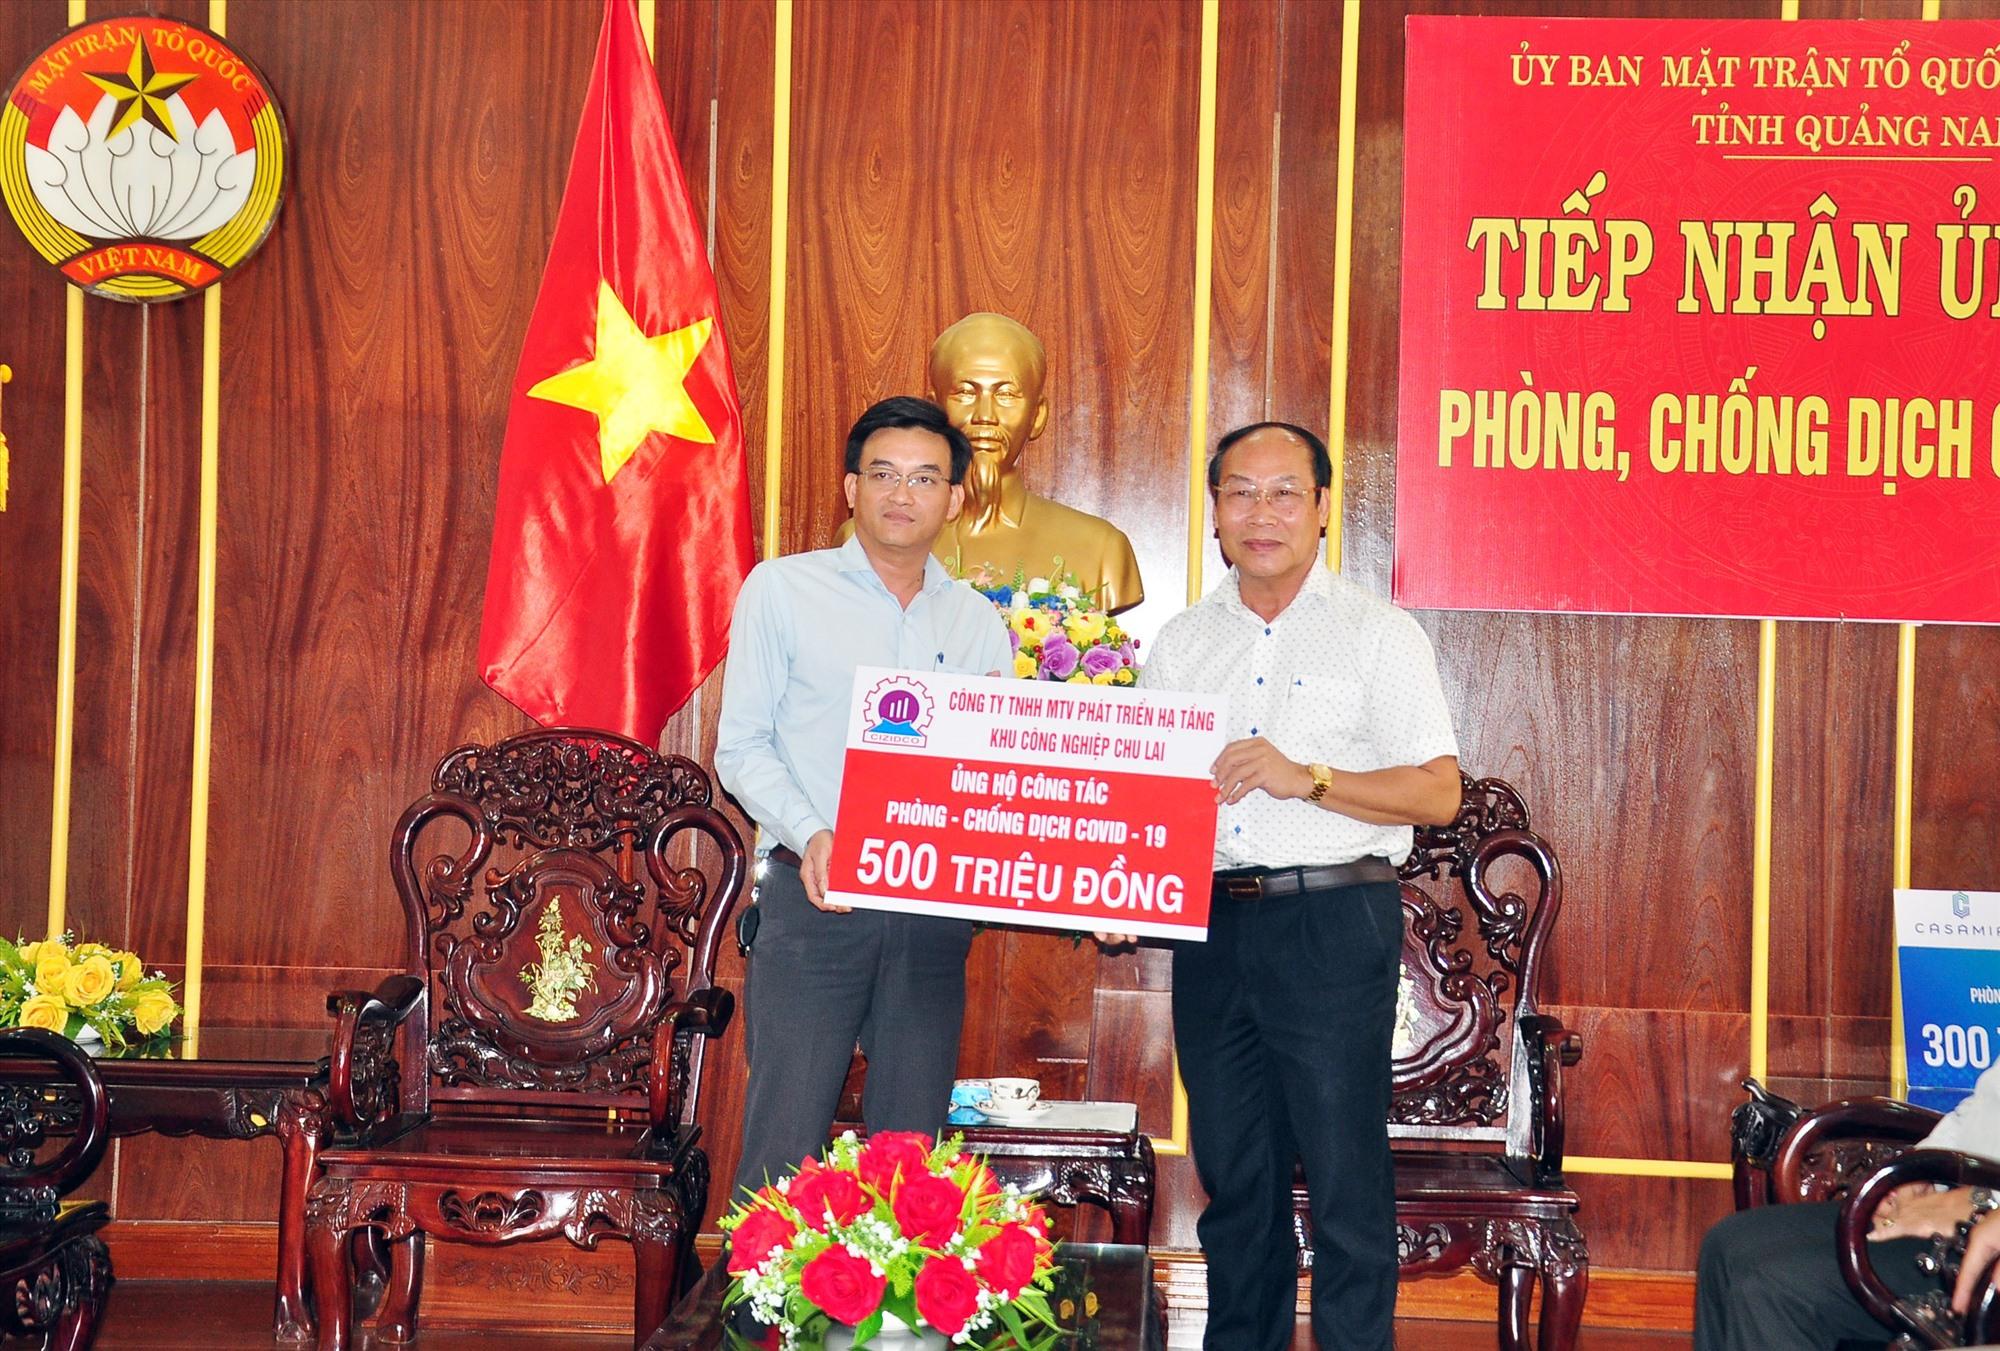 Chủ tịch Ủy ban MTTQ Việt Nam tỉnh Võ Xuân Ca (phải) tiếp nhận nguồn hỗ trợ 500 triệu đồng cho công tác phòng chống dịch Covid-19 từ Công ty TNHH MTV Phát triển hạ tầng Khu công nghiệp Chu Lai. Ảnh: VINH ANH